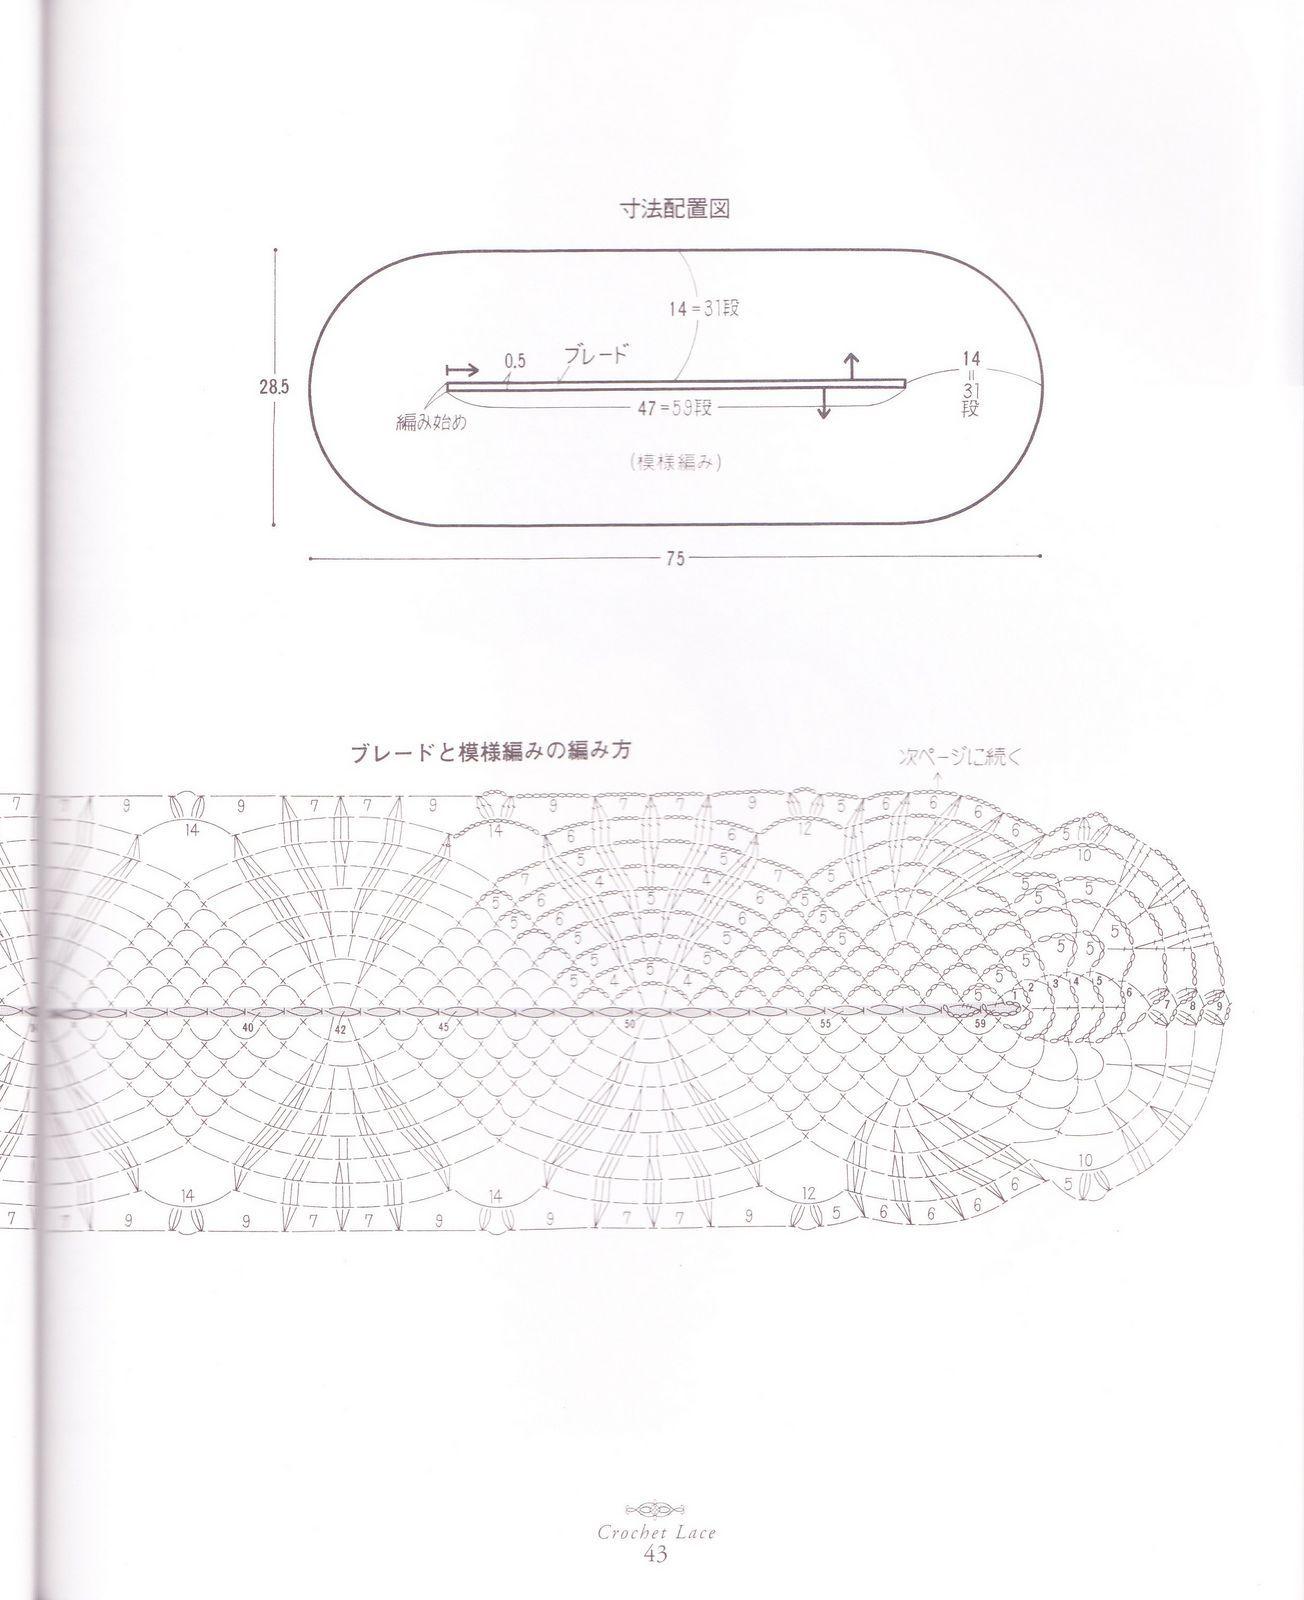 Graficos de Anita del Bosque: Grafico camino de mesa piñas 1 ...